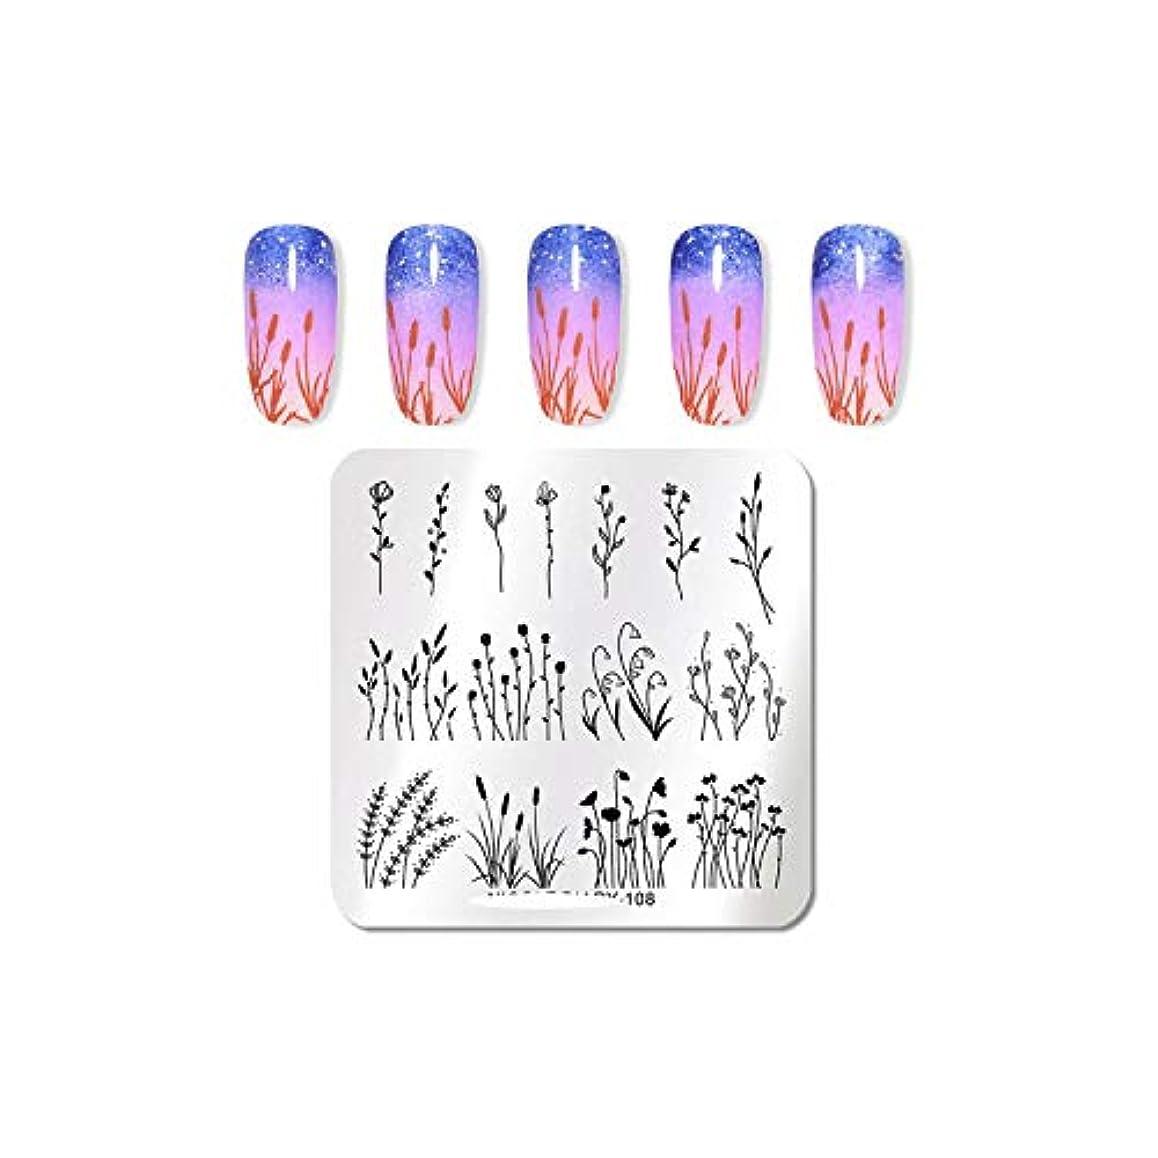 悪性動物園入り口AKIROKハロウィンネイルスタンピングプレートフラワースネークスキンネイルテンプレートスタンプネイルアートスタンプ画像テンプレートネイルアートステンシル,ND-108